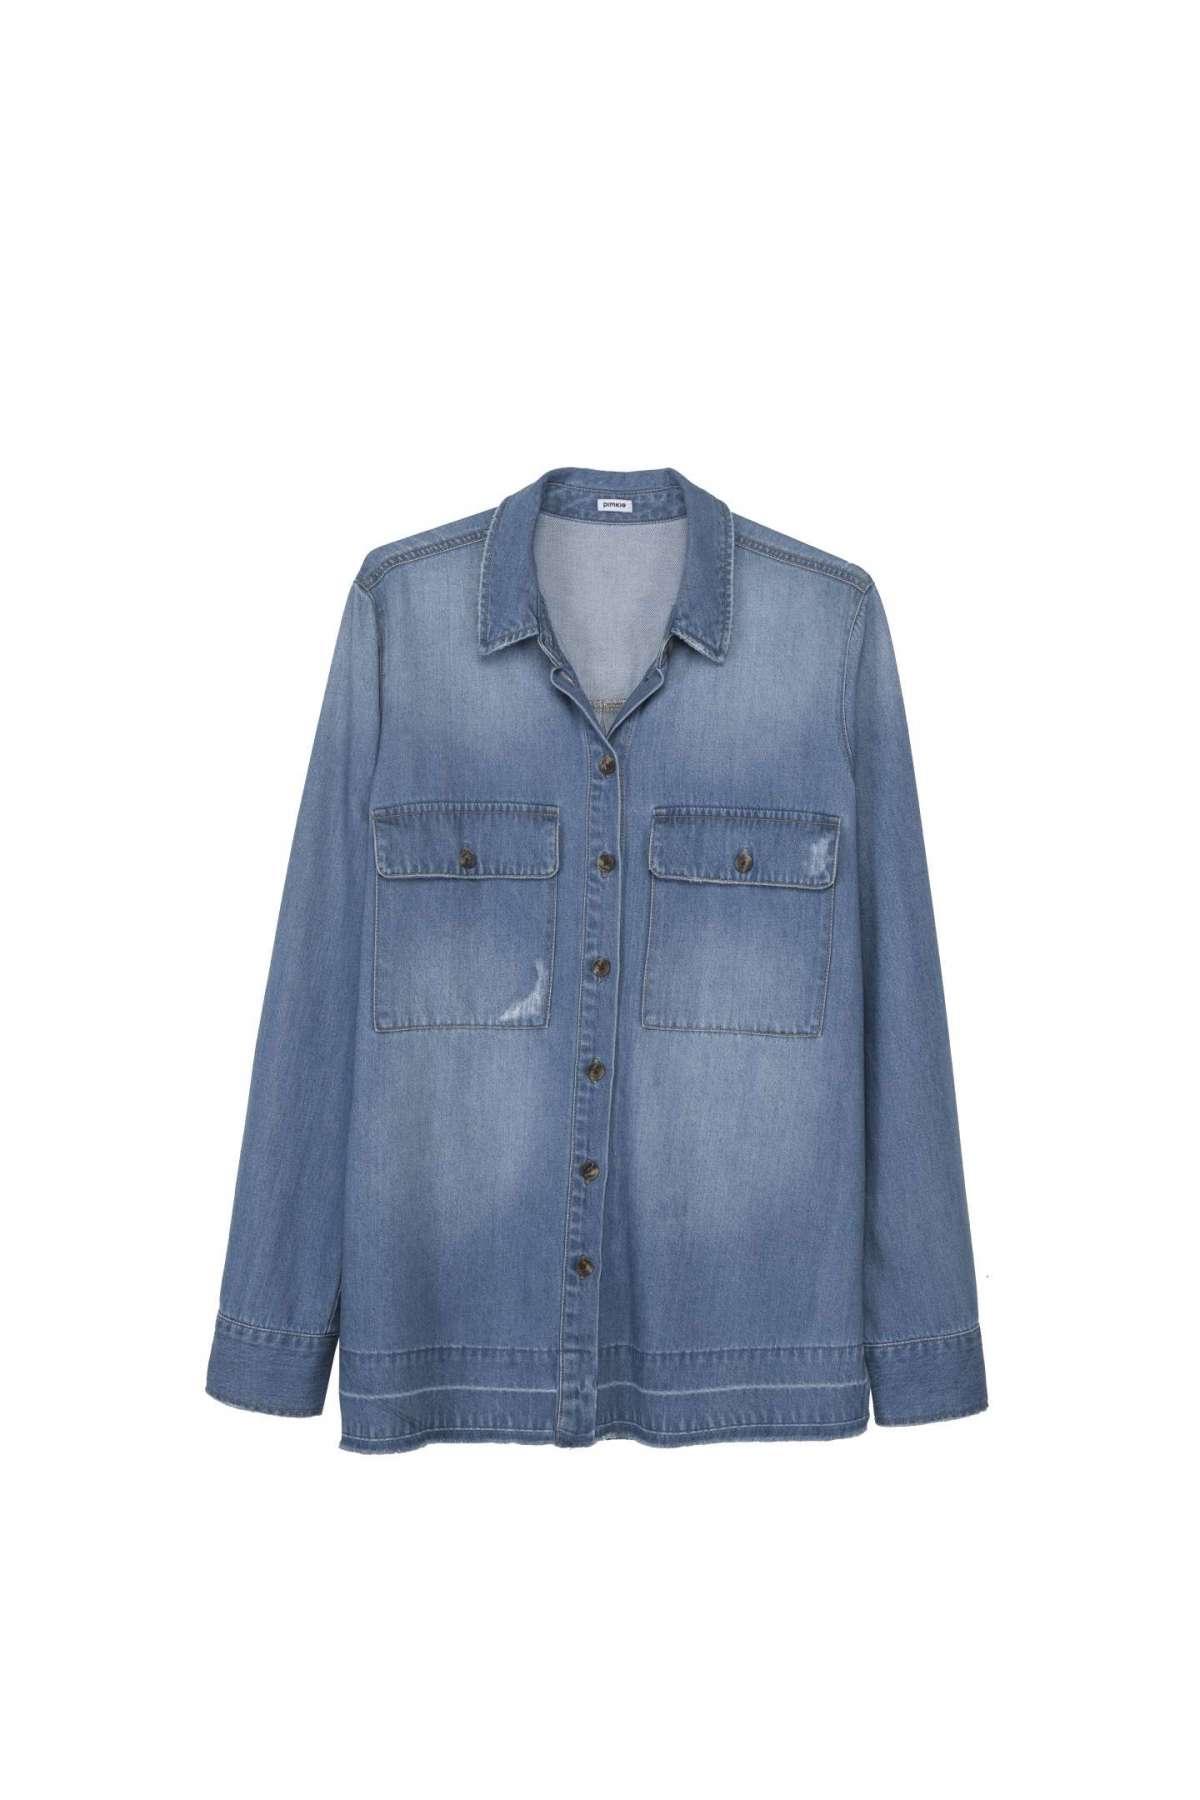 Camicia Di Jeans Pimkie Autunno Inverno 2017